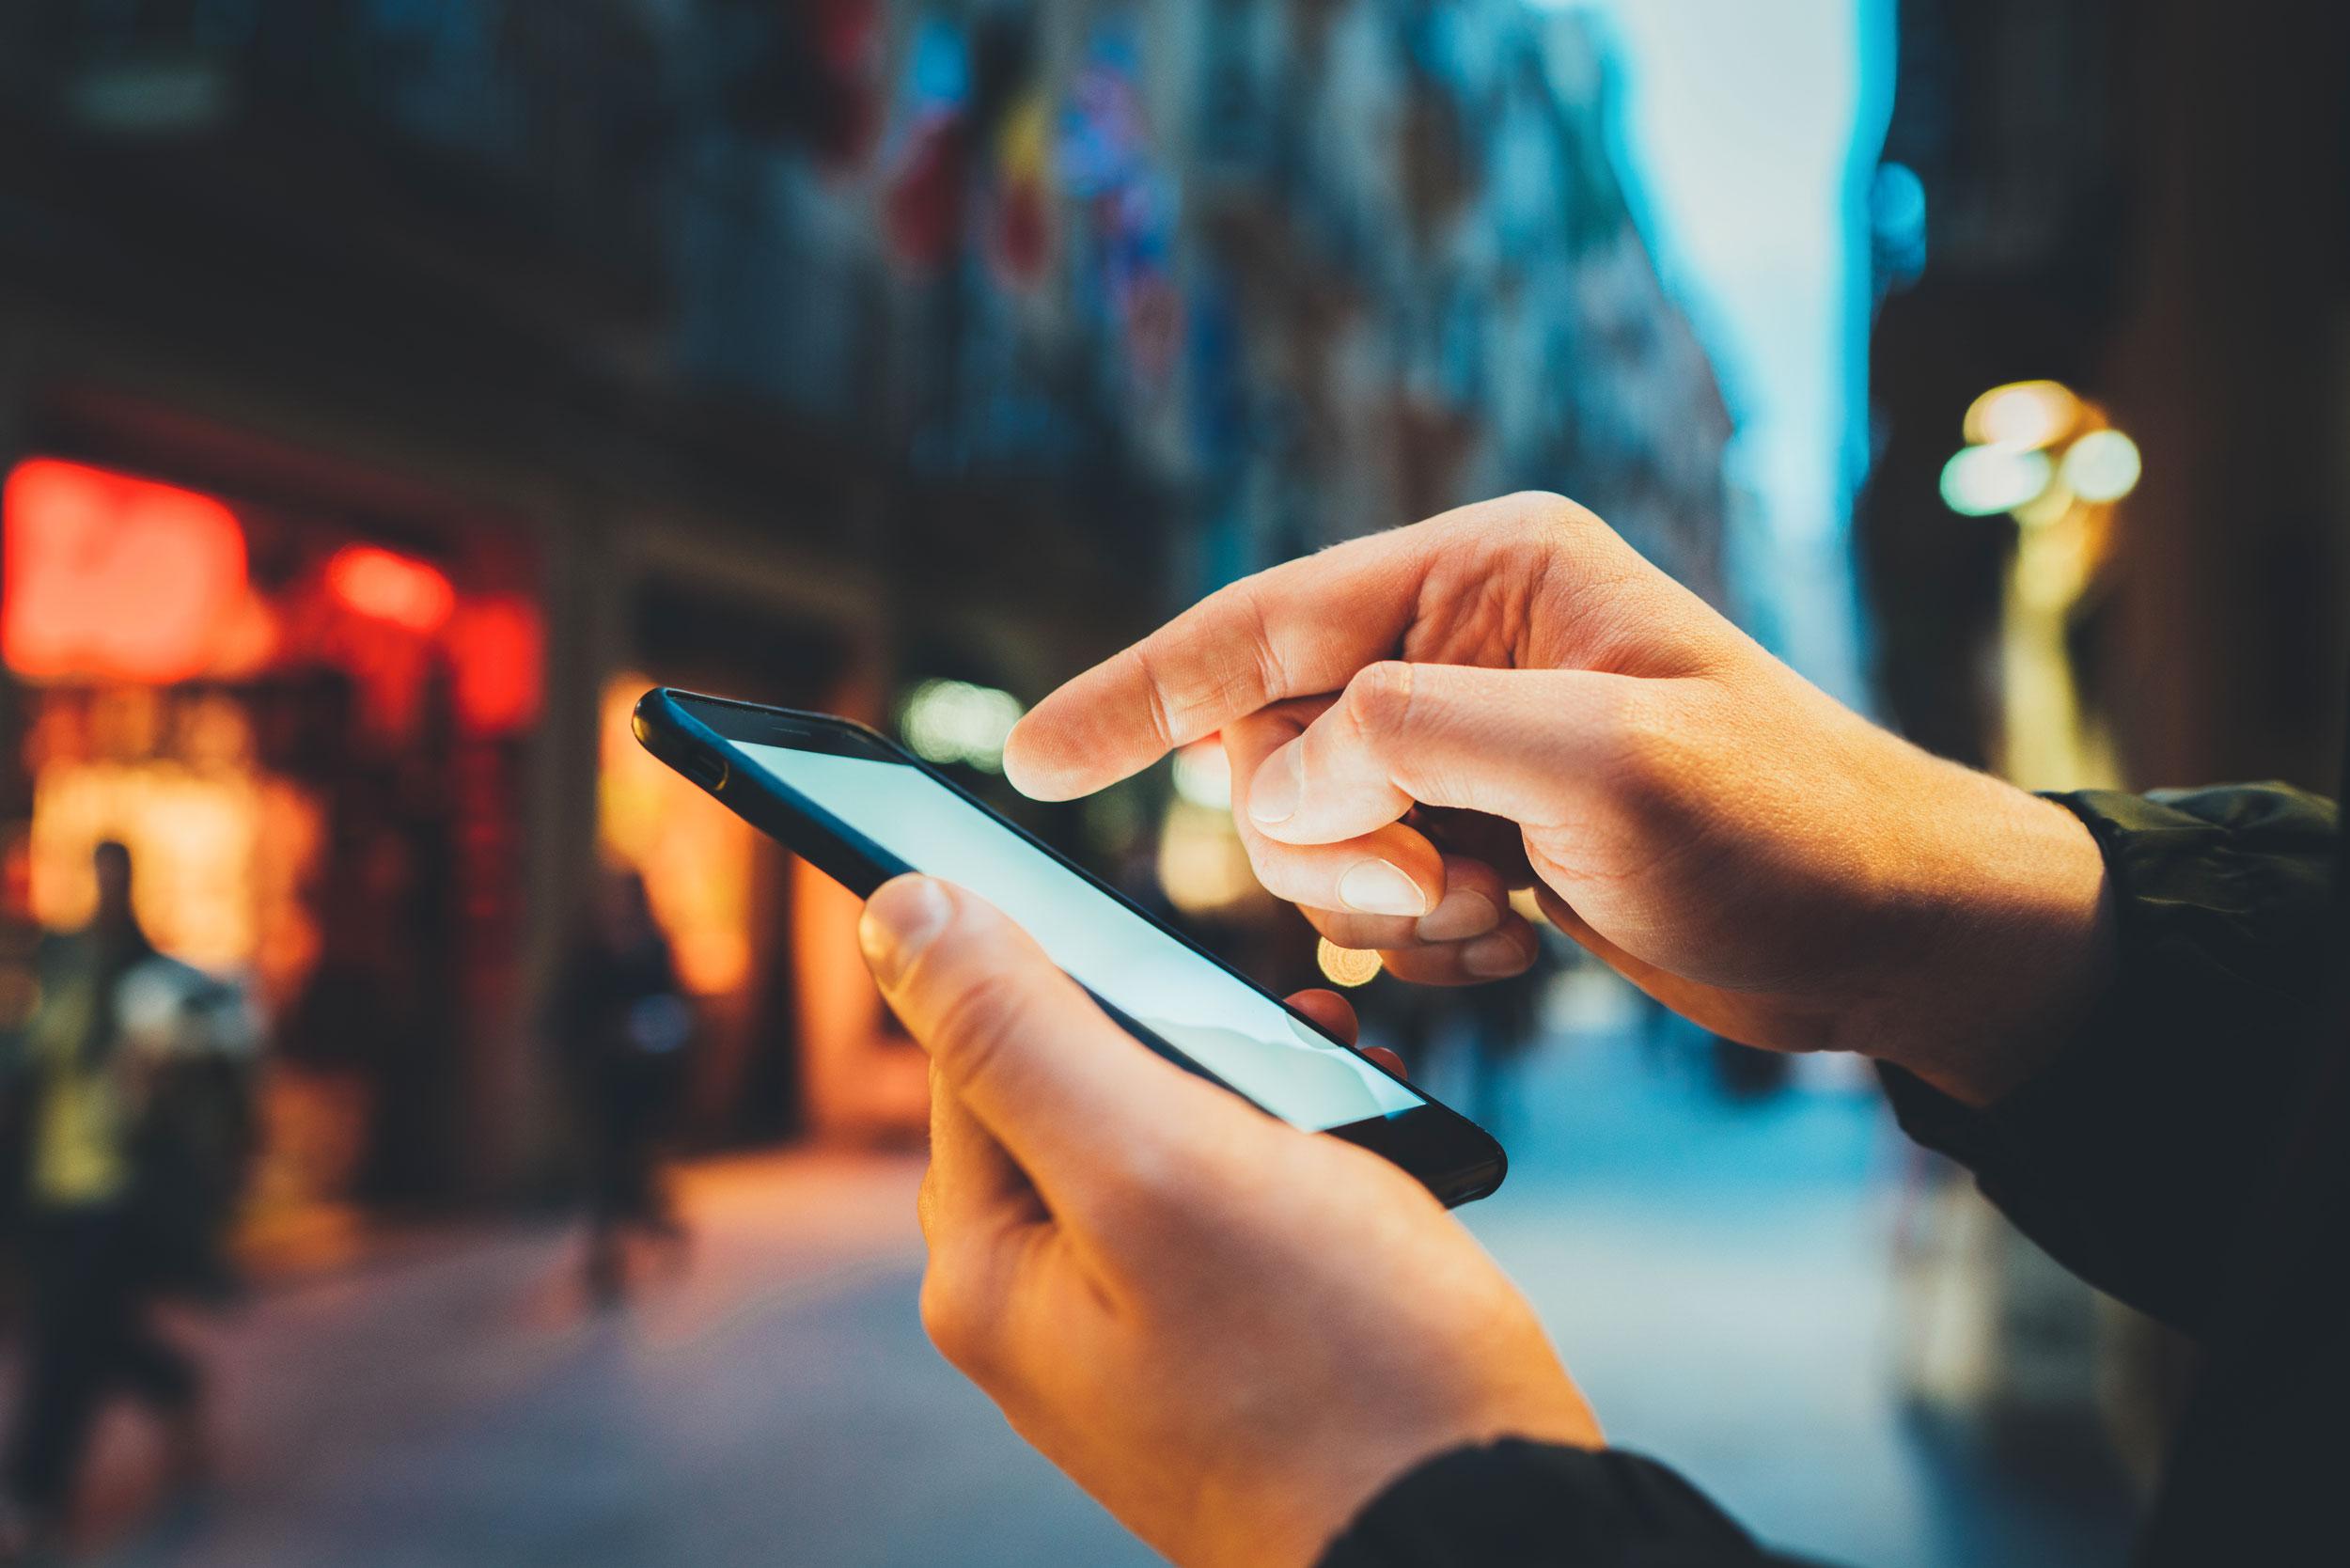 Mobiles & Smart phones